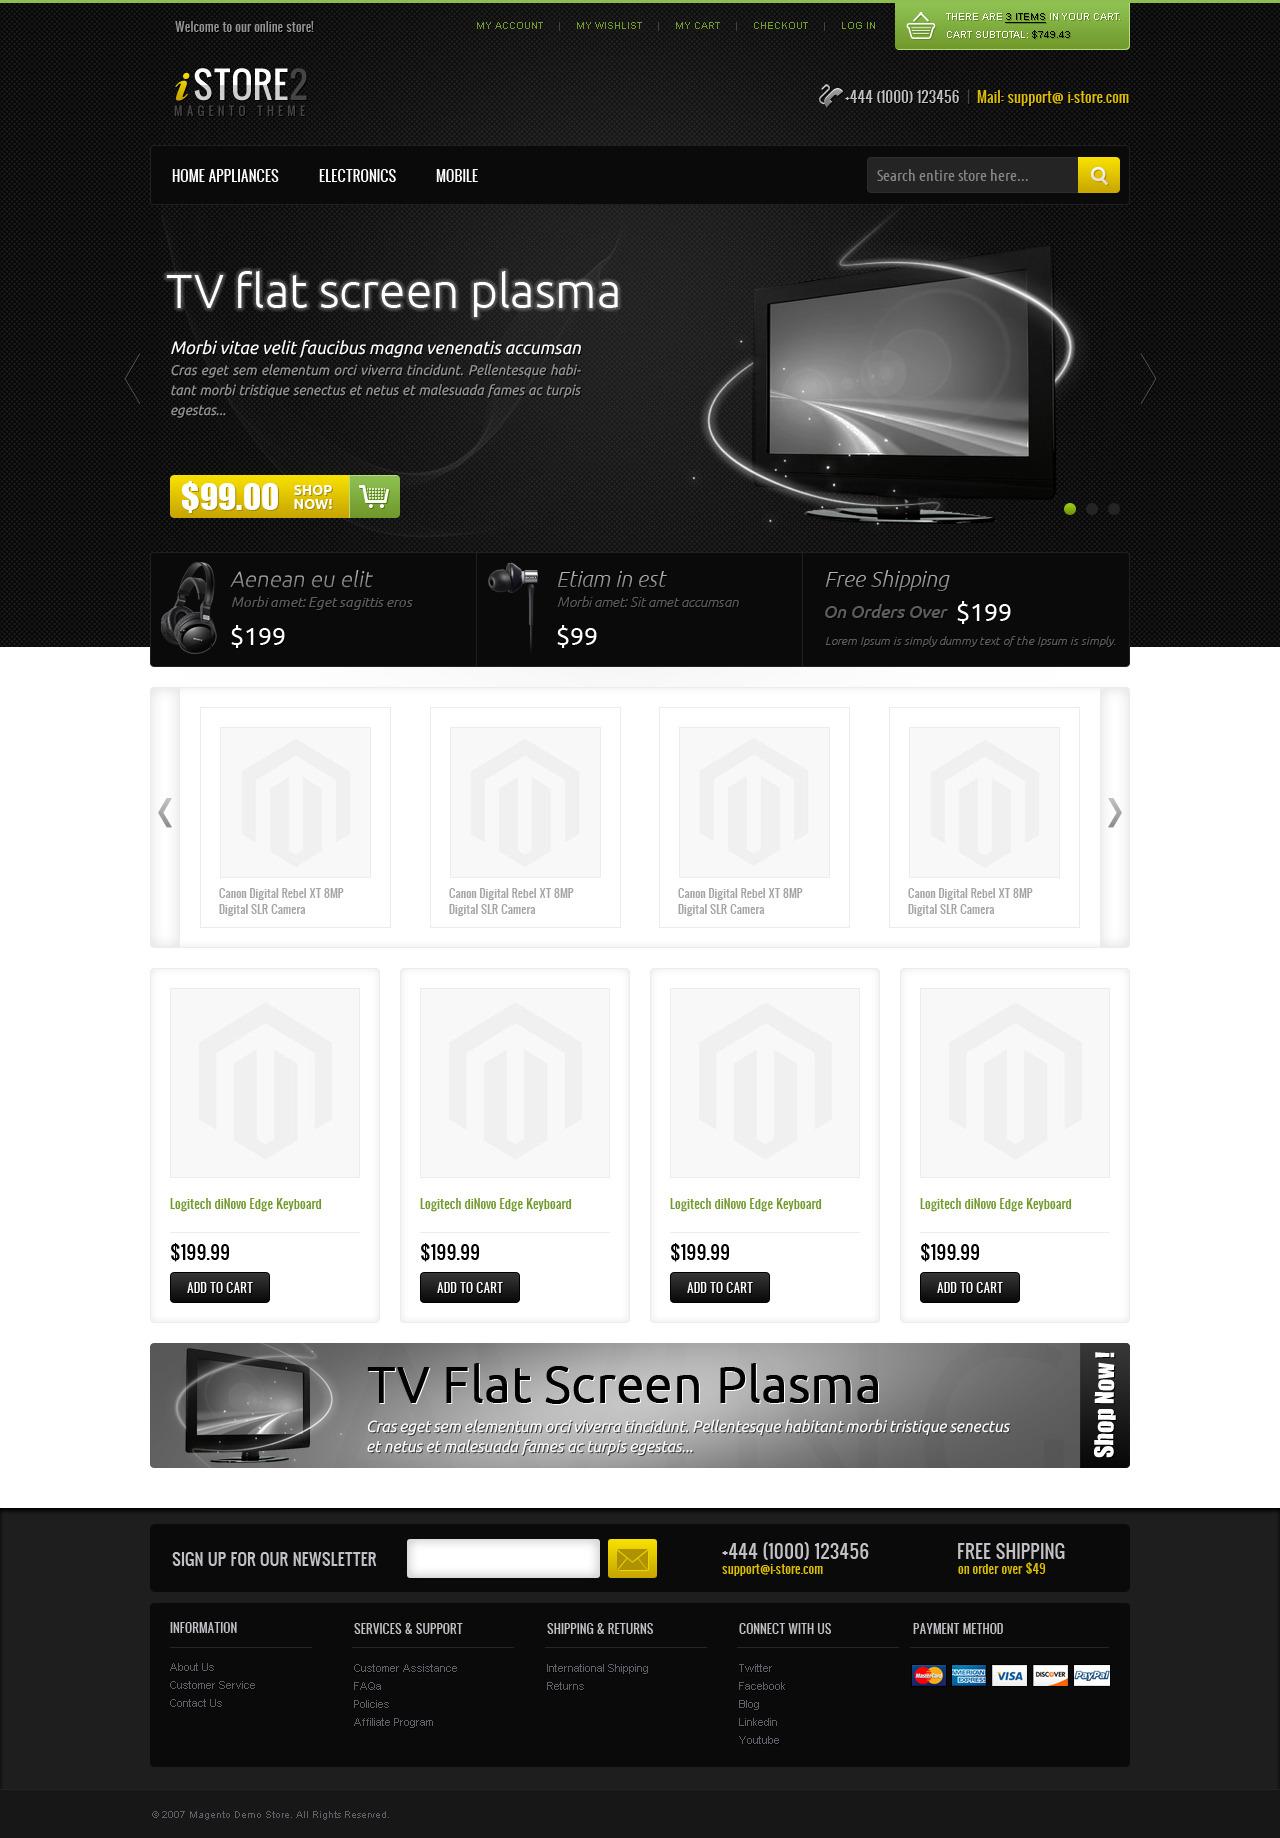 http://0.s3.envato.com/files/18342716/Preview/01_home.jpg